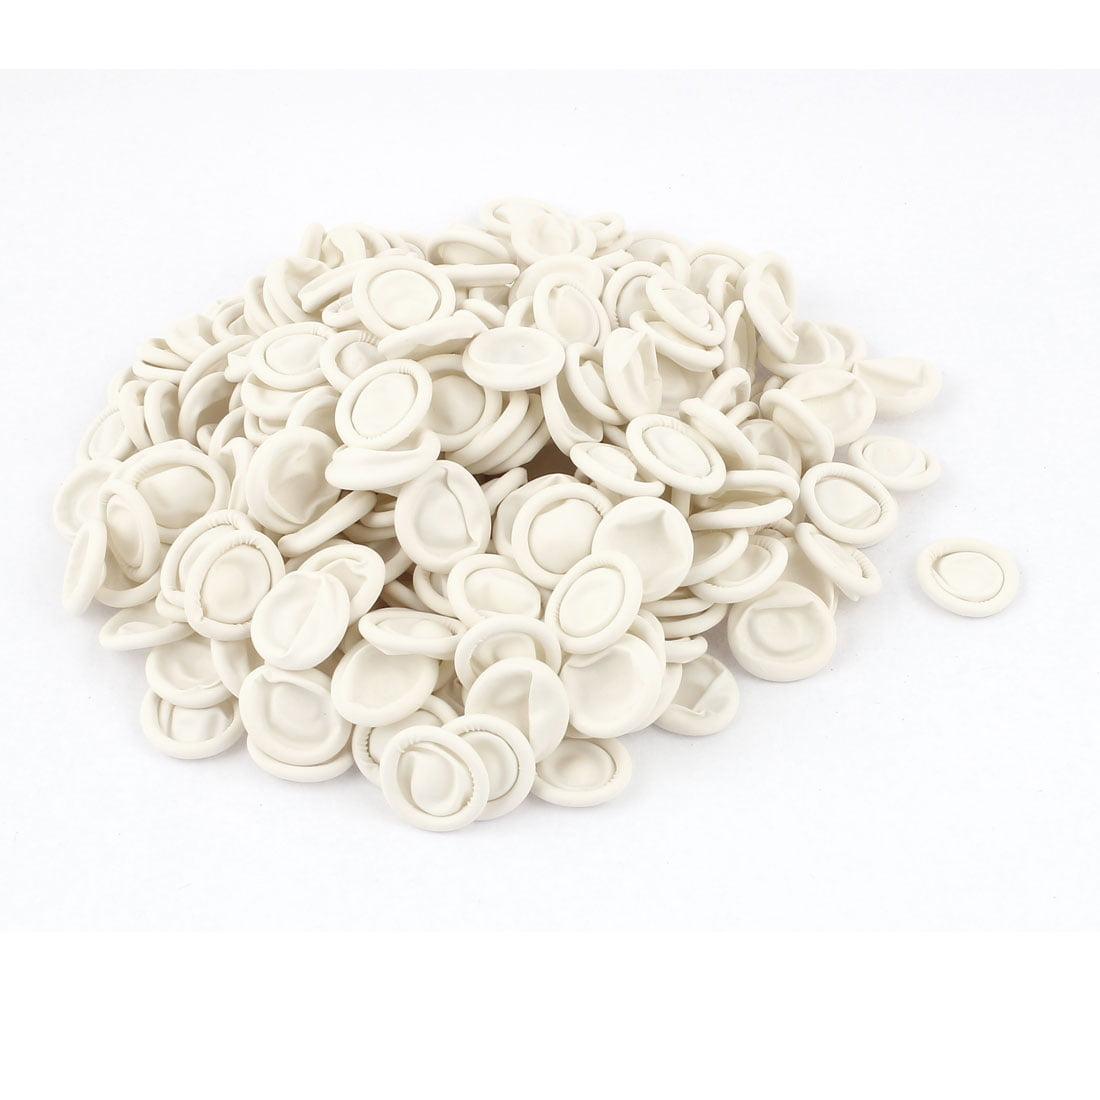 Unique Bargains Anti Static Disposable Latex Finger Cots Tips Covers White 268pcs